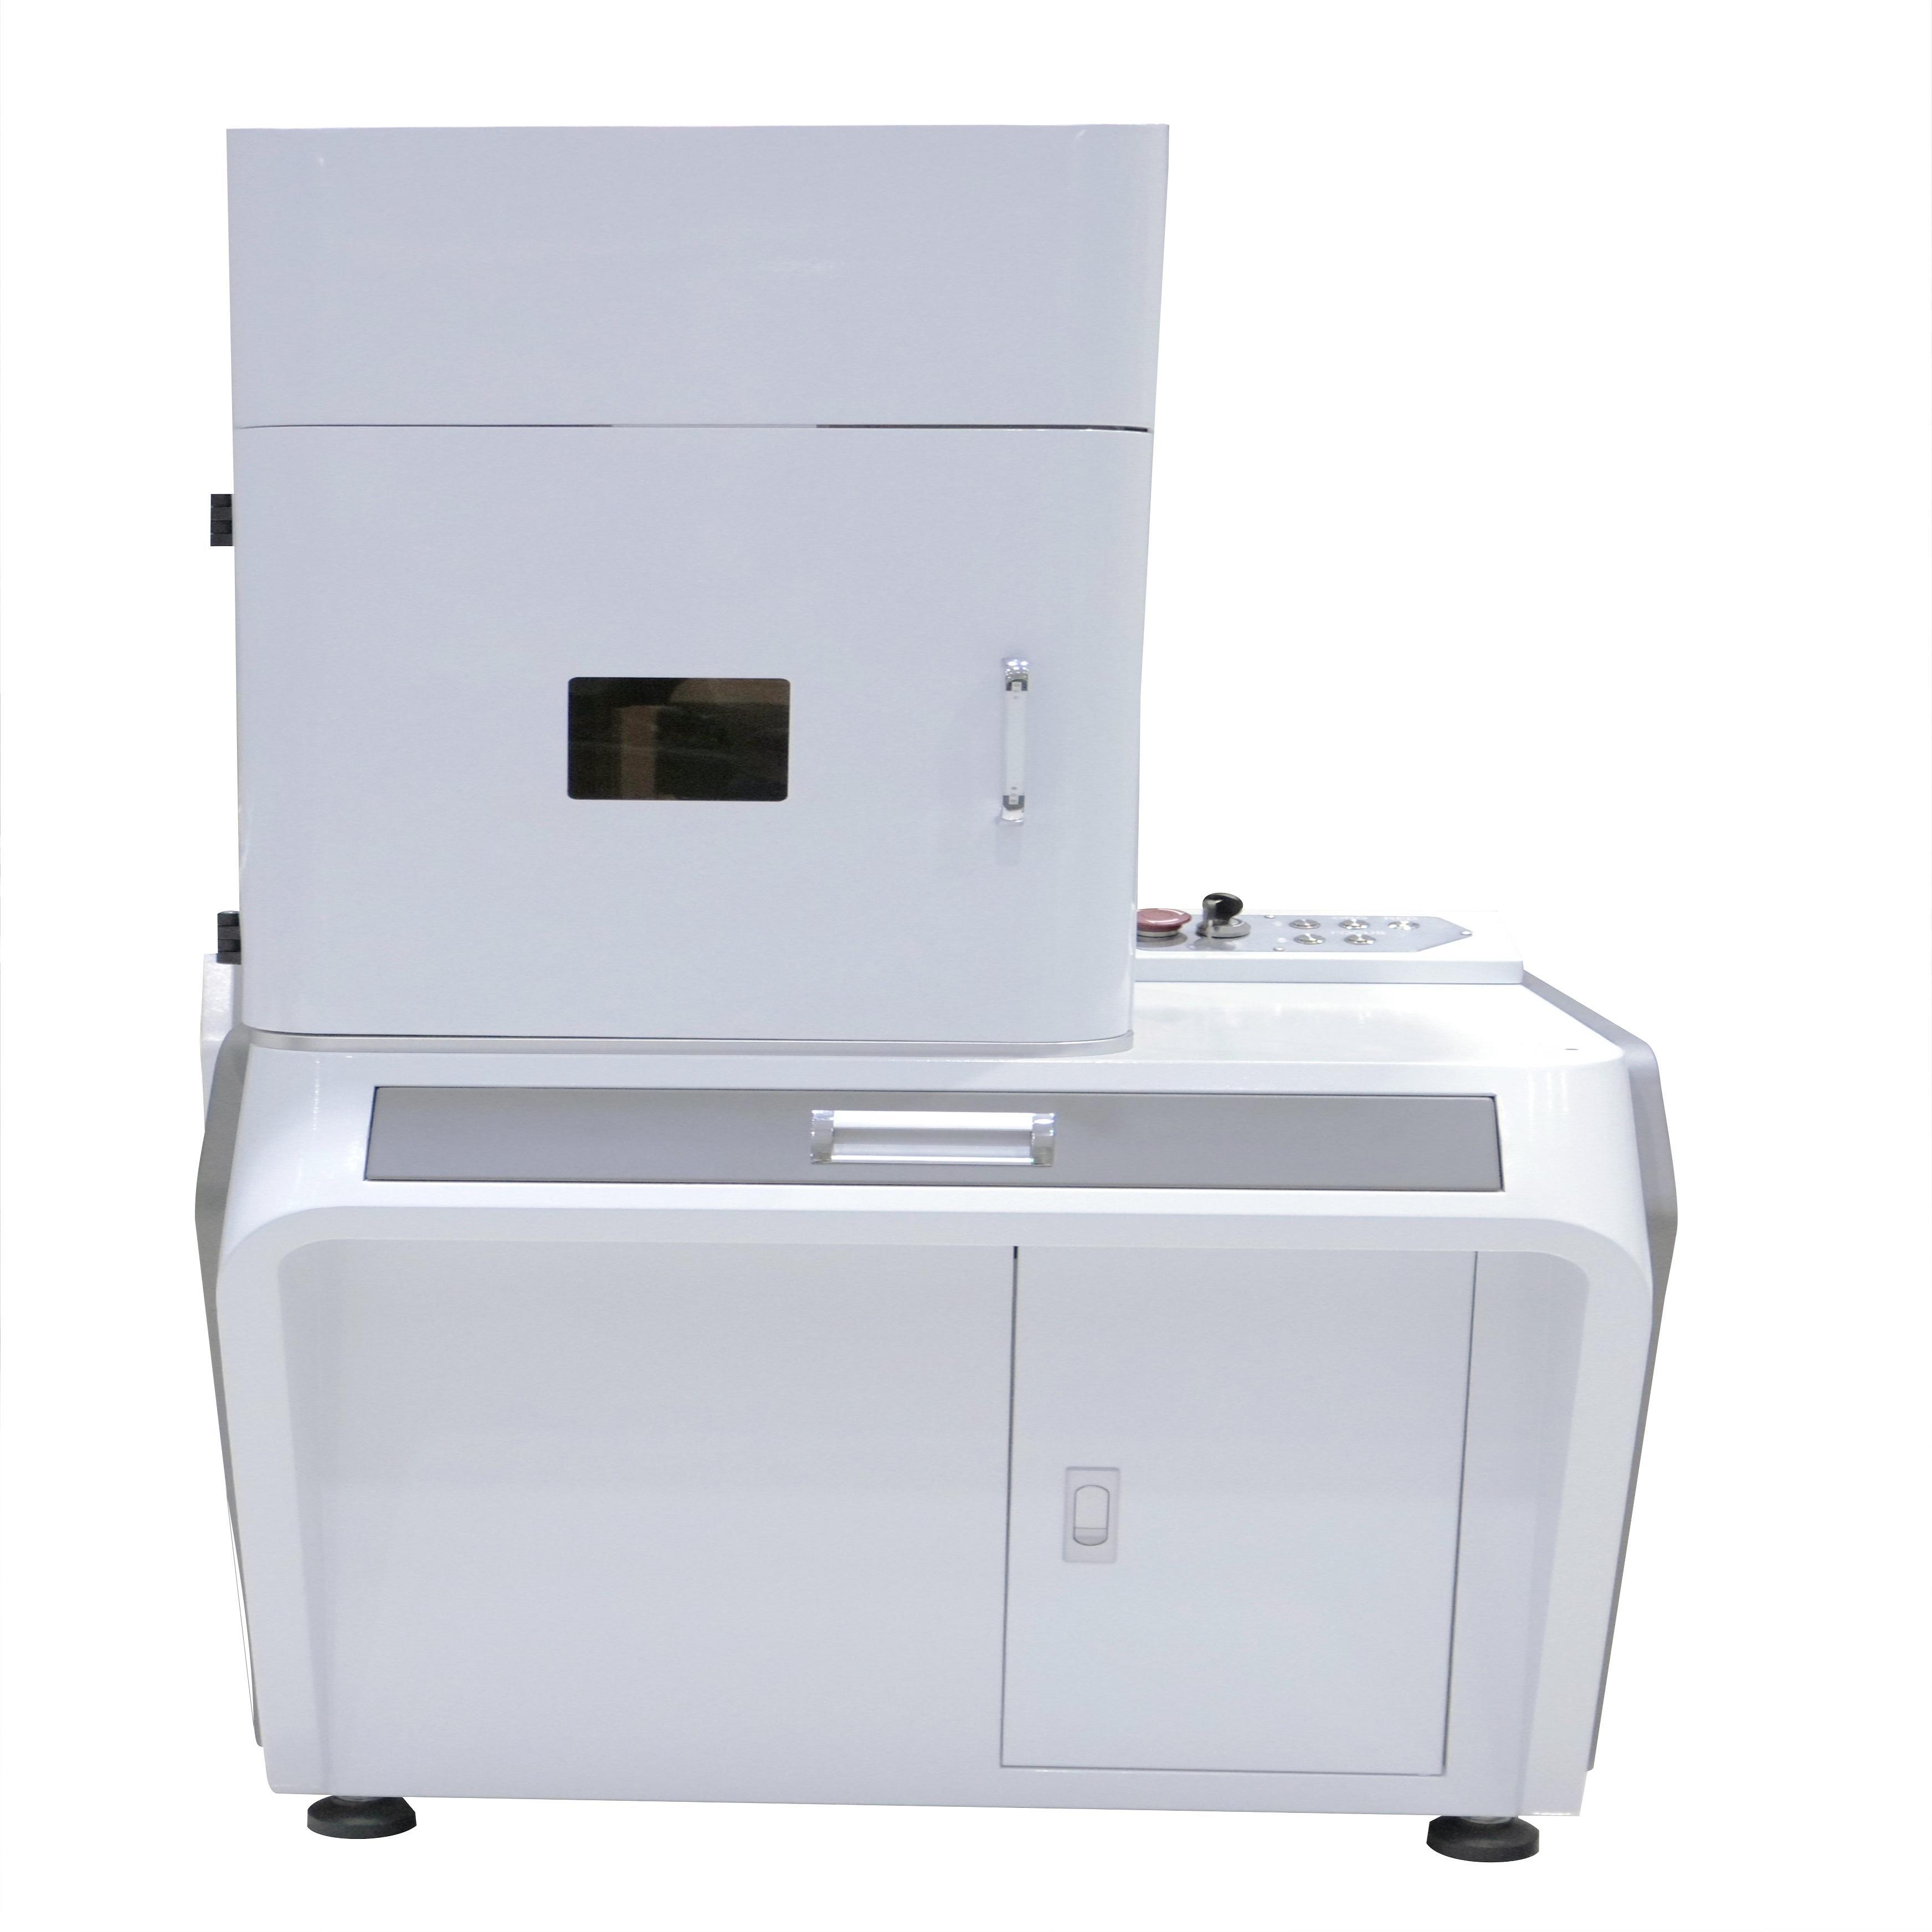 3 W UV máquina de grabado láser para metales